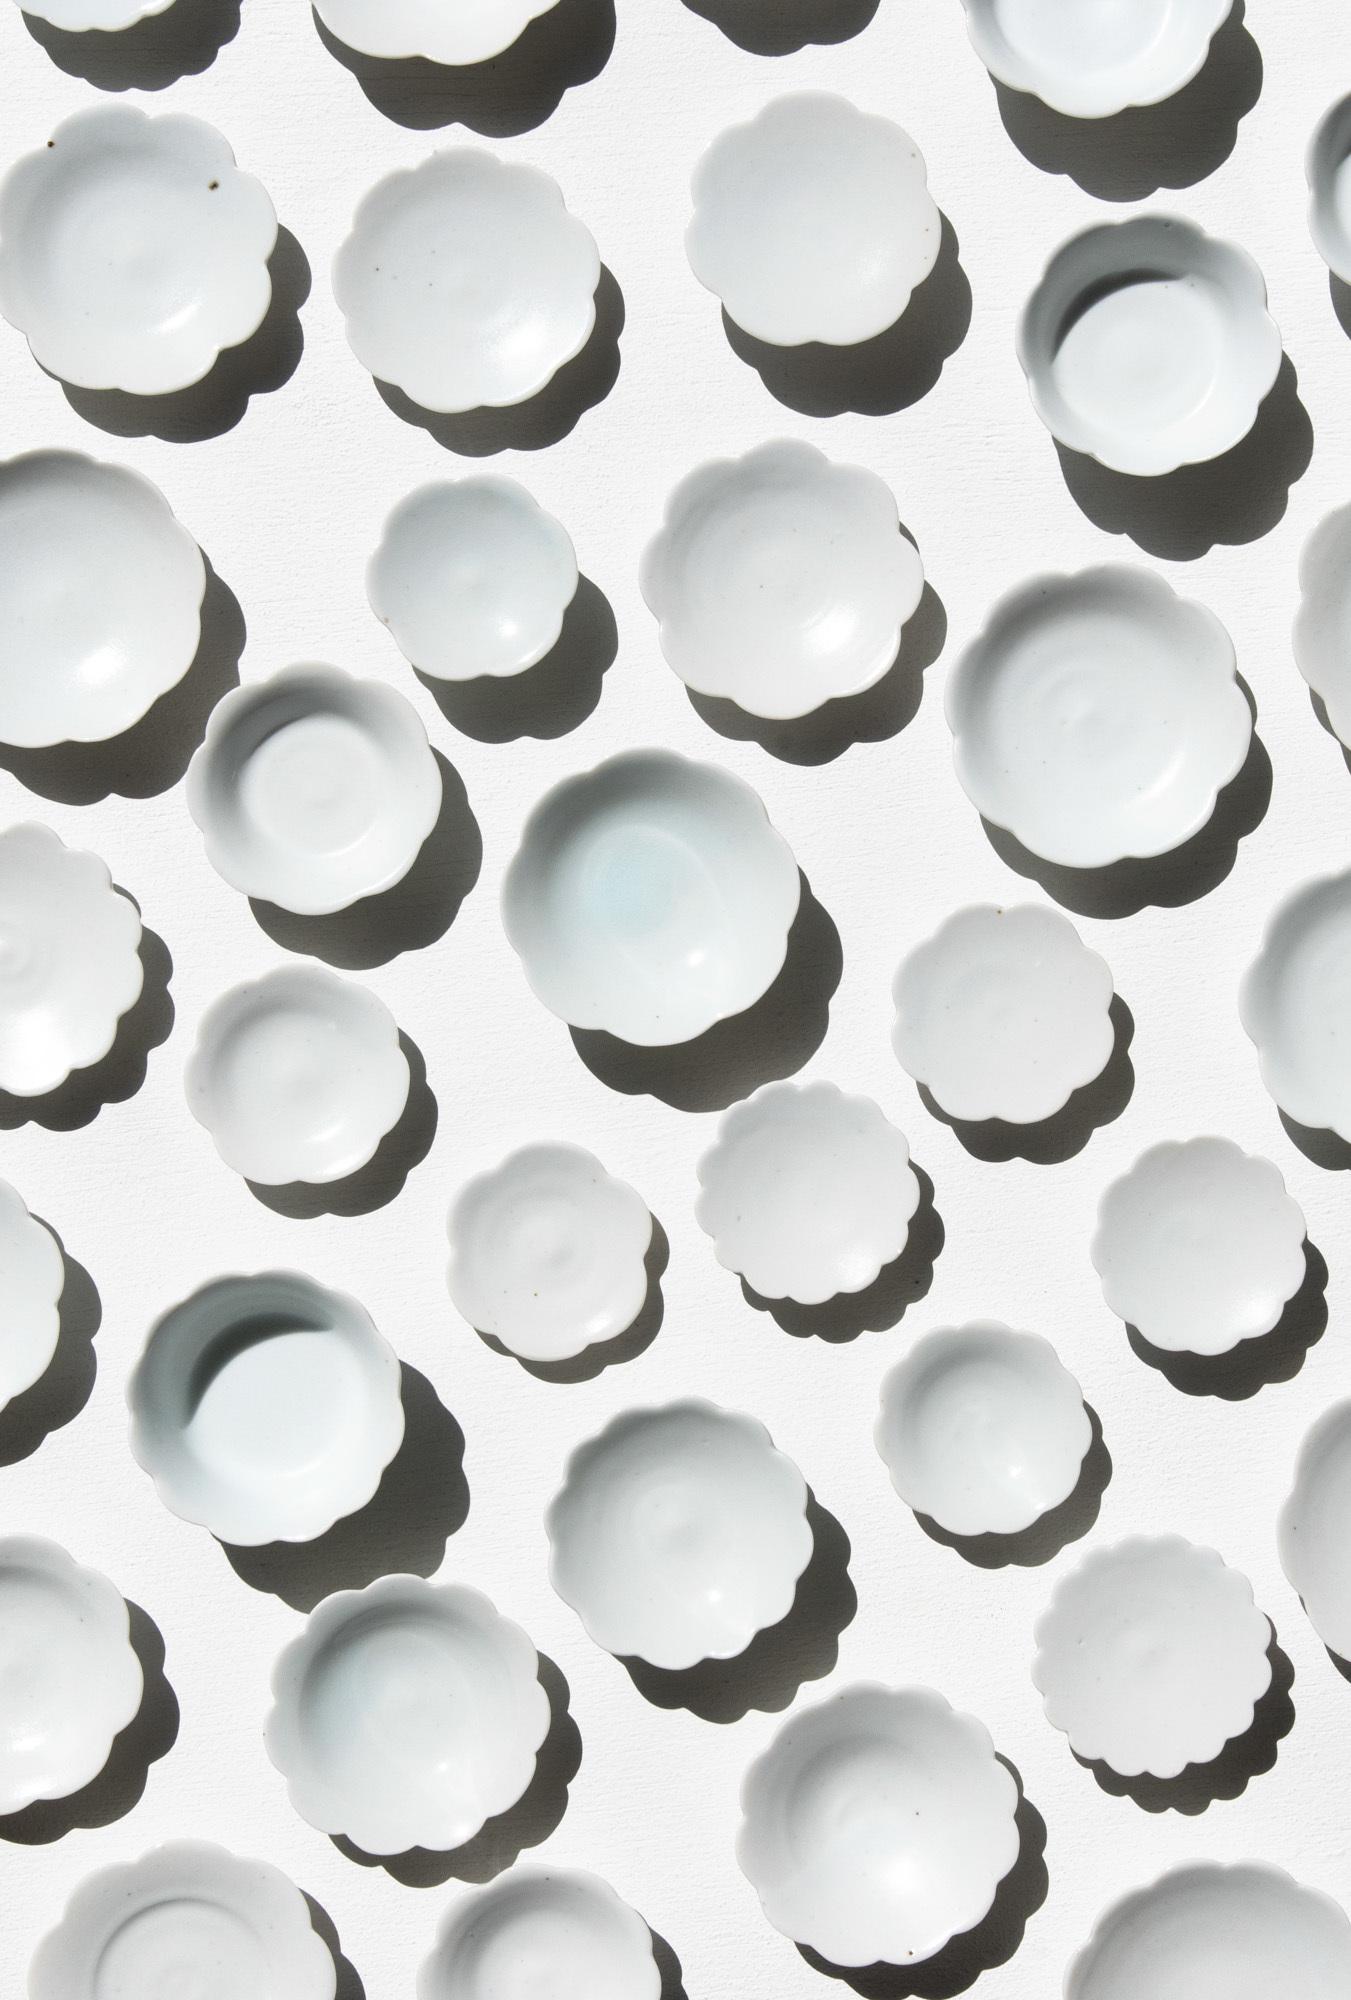 砂田政美 磁器のうつわ展 2021.4.14(水)~19(月) 明日からです_b0132442_18533915.jpg